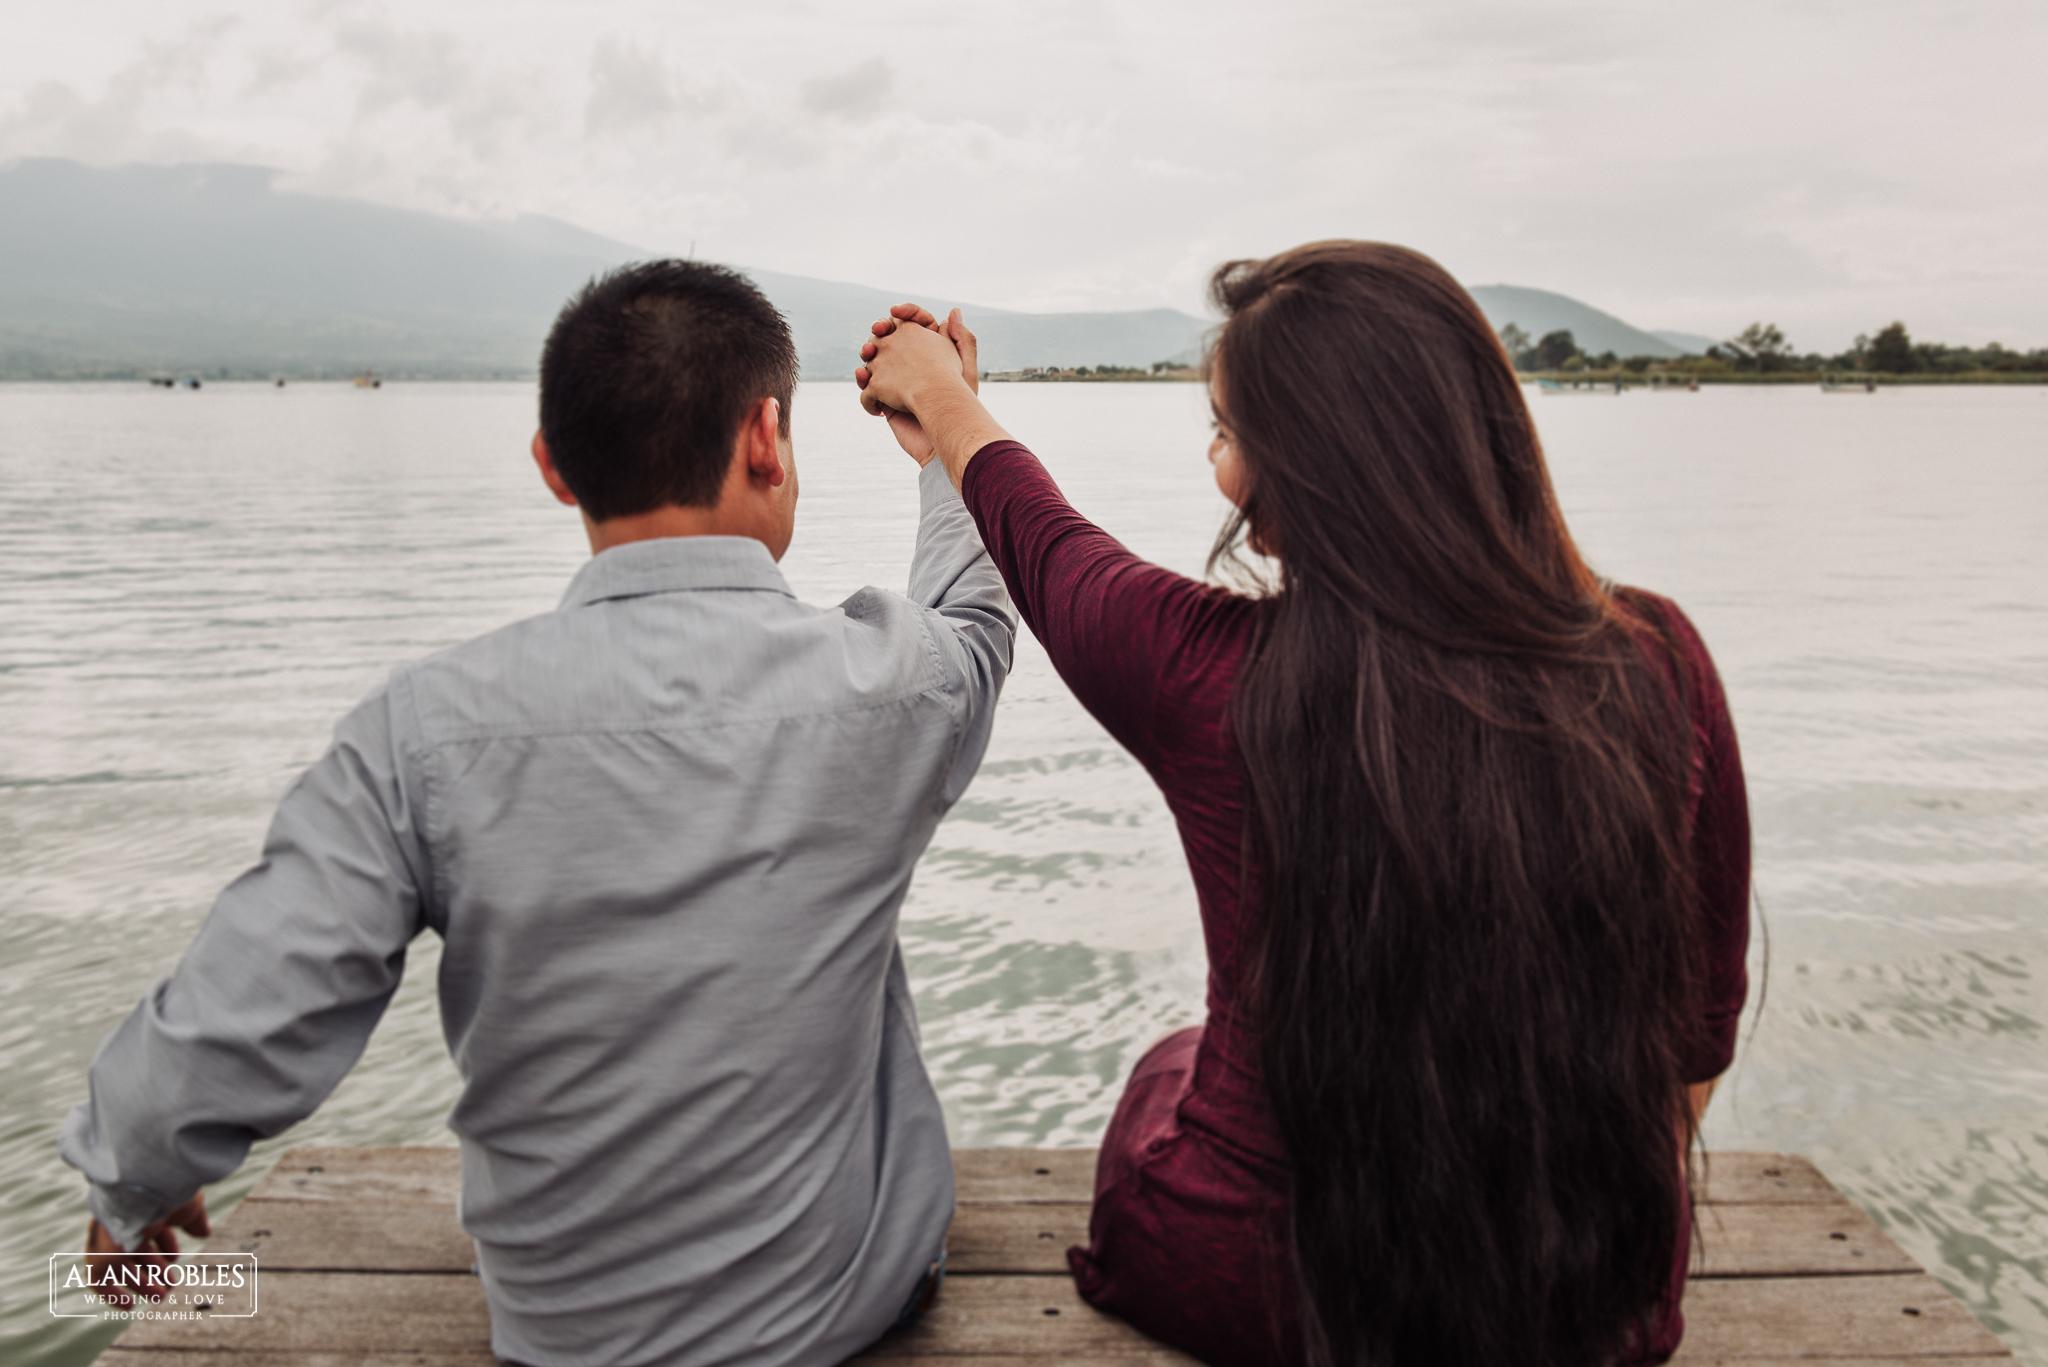 Sesion de fotos Preboda en Laguna de Cajititlan. Fotografia de bodas - Alan Robles Wedding & Love Photographer, Fotografo de bodas en Guadalajara.